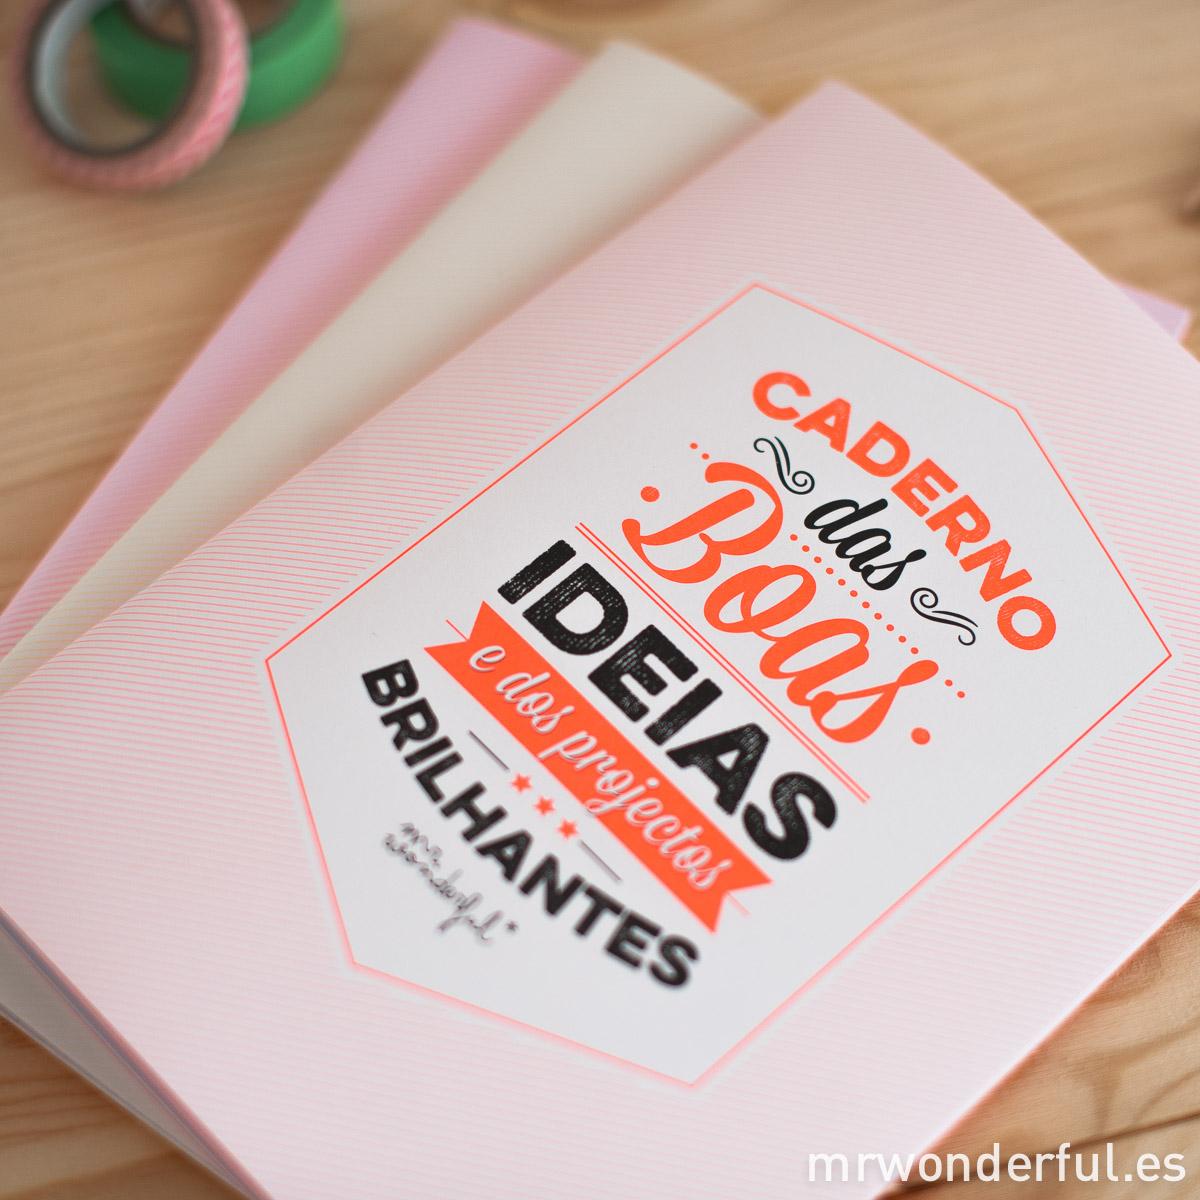 mrwonderful_lib30_libretas-cadernos-cheios-de-energia-para-as-melhores-ideias-5